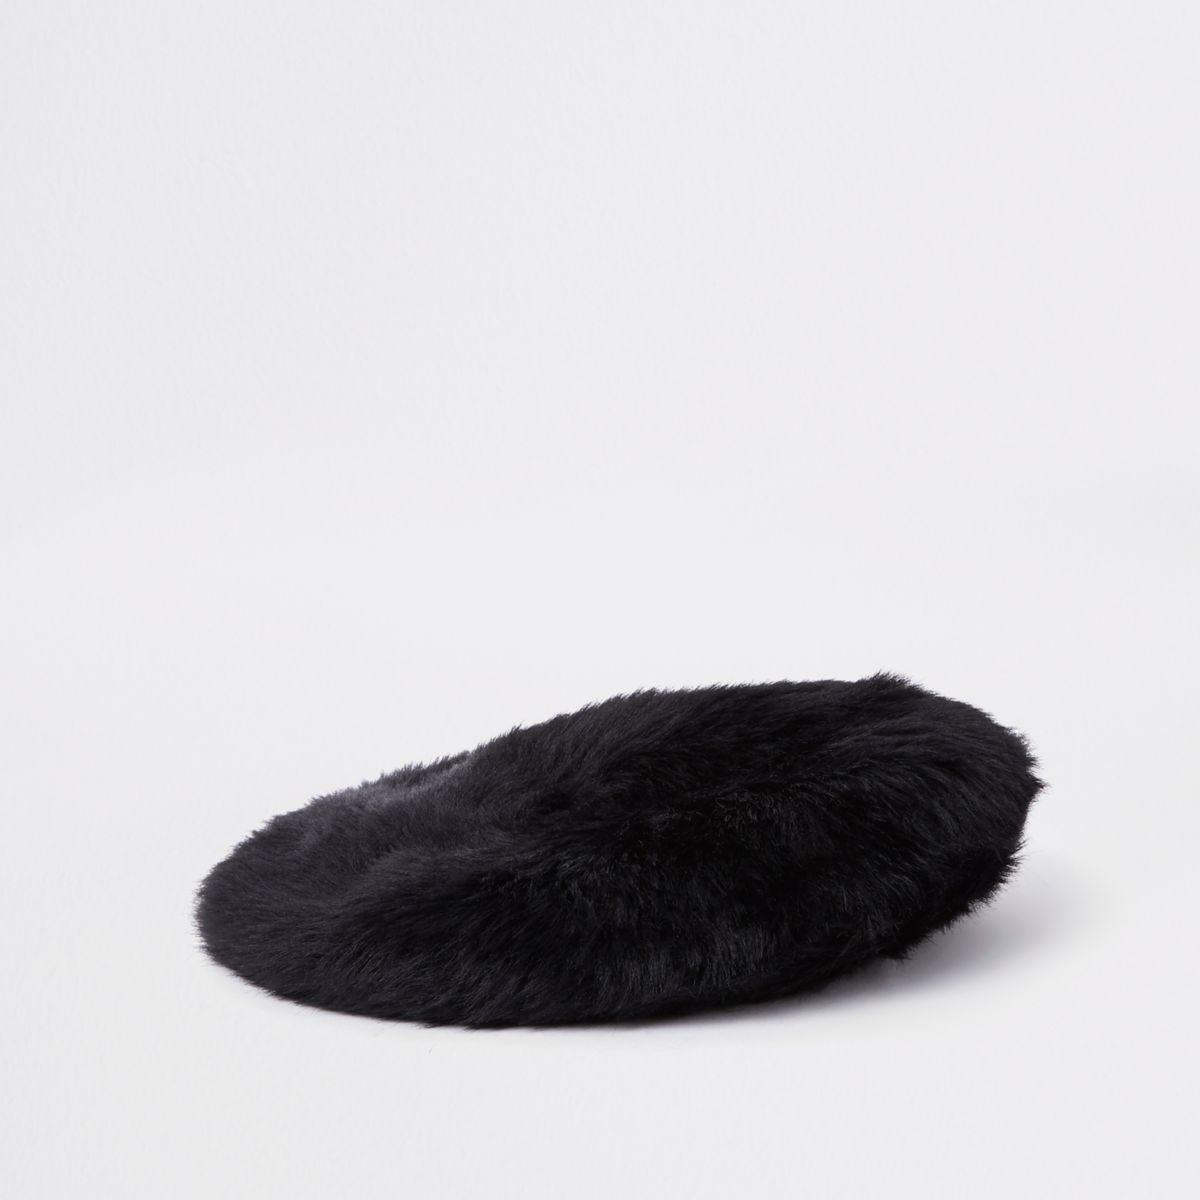 Schwarze, flauschige Baskenmütze